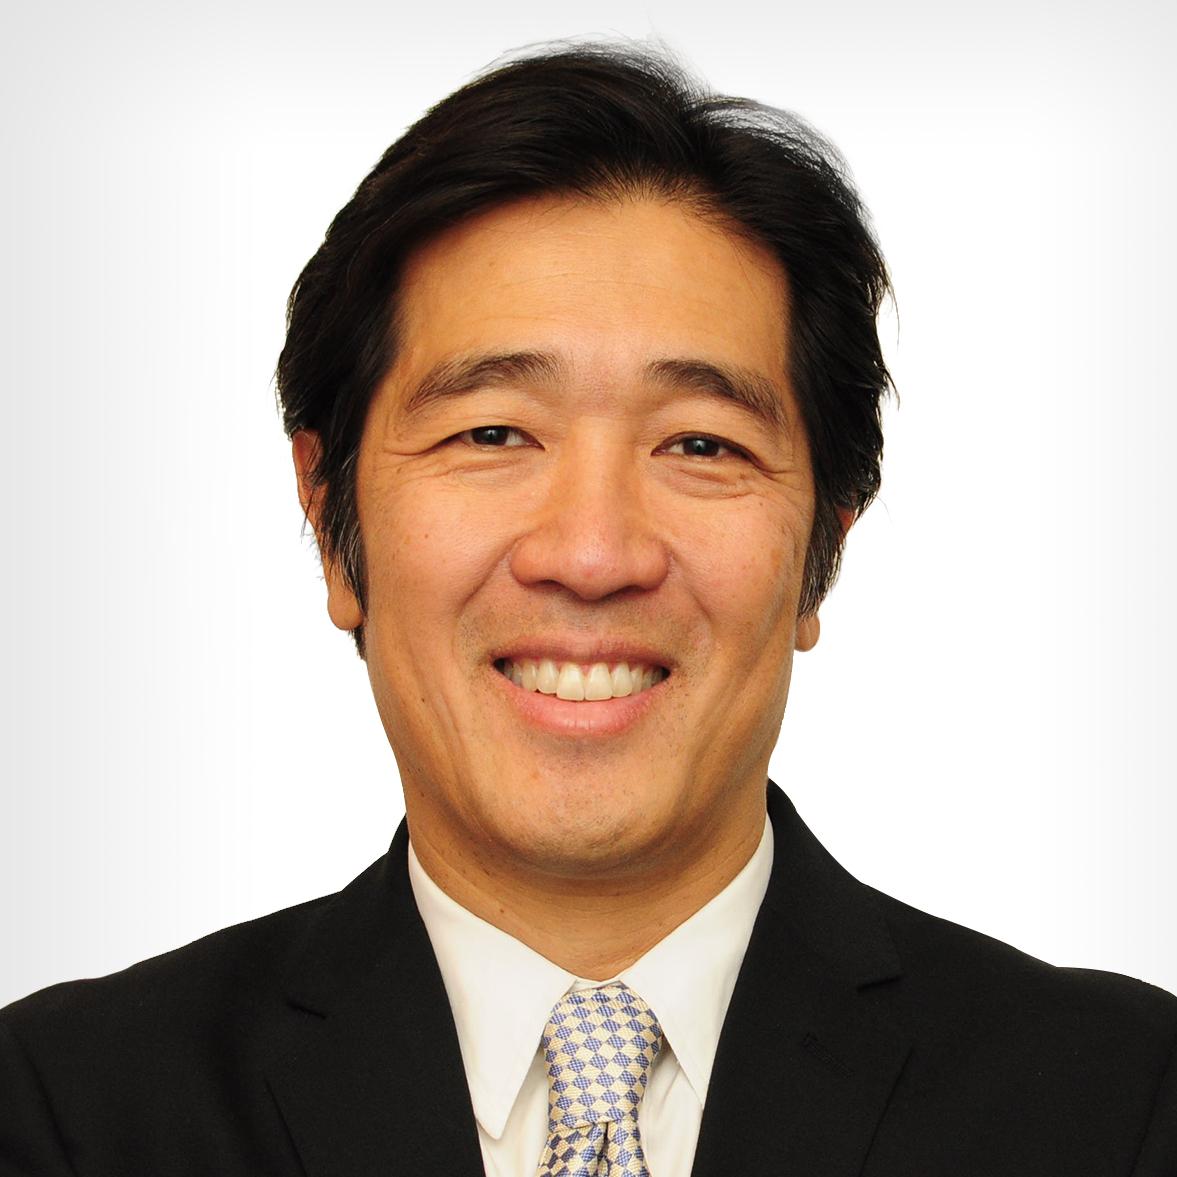 Ed Pang